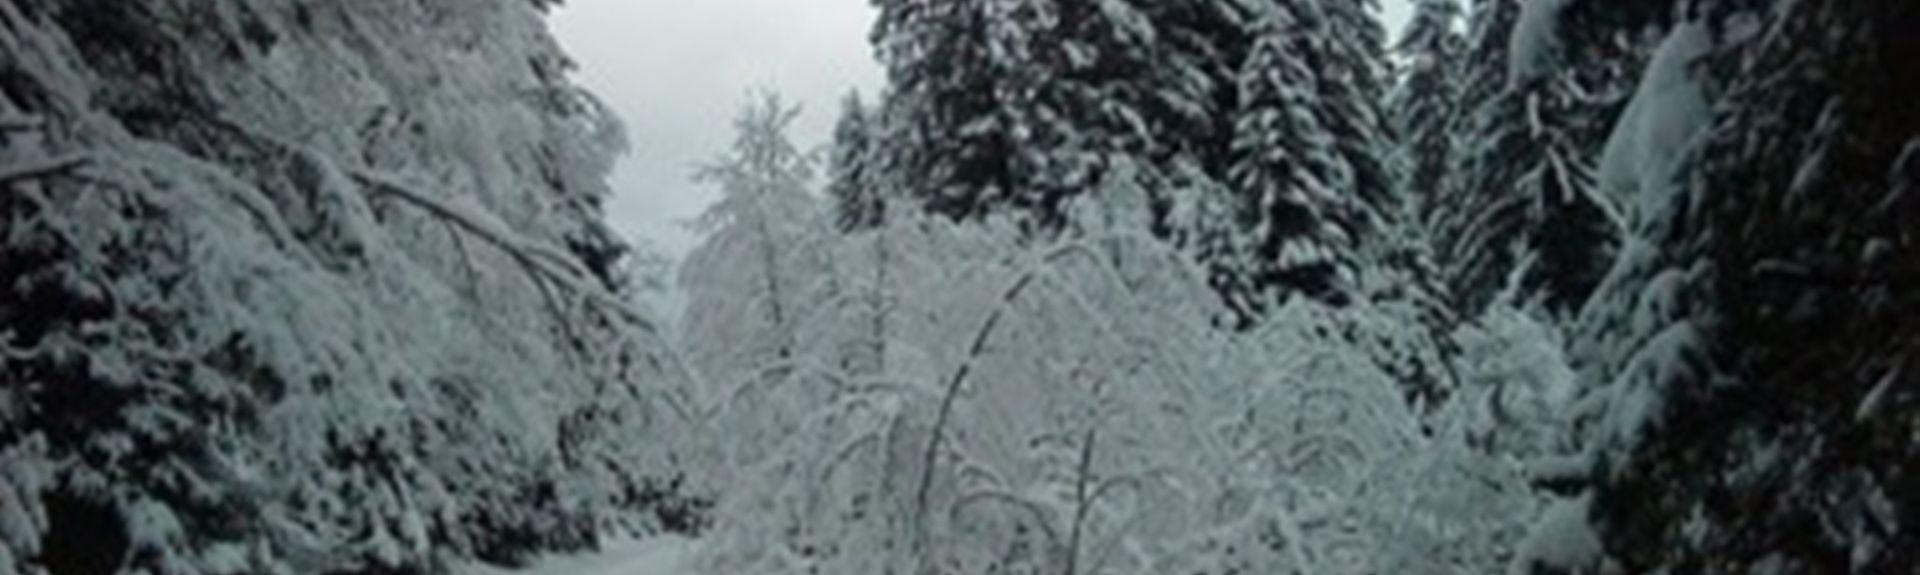 Zellberg, Tirol, Oostenrijk